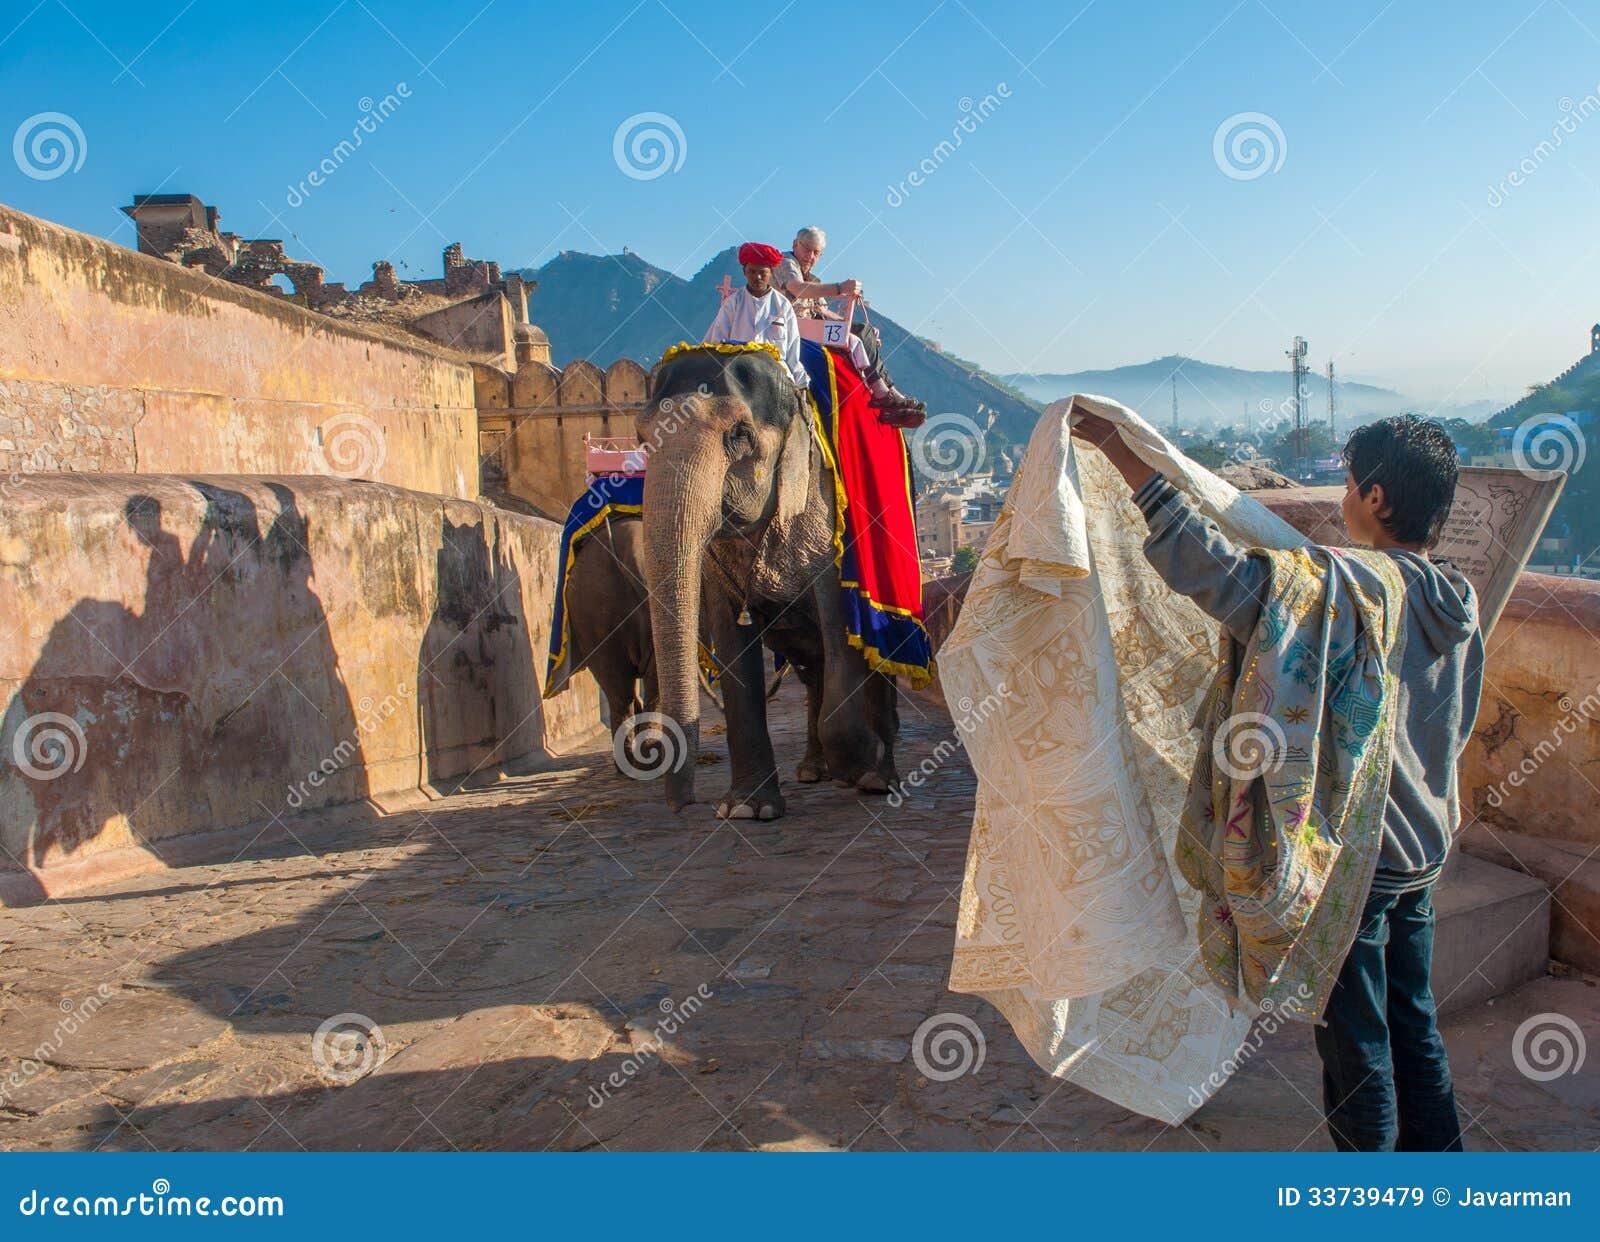 ДЖАЙПУР, RAJASTAN, ИНДИЯ - 27-ое января: Украшенный слон на Amb